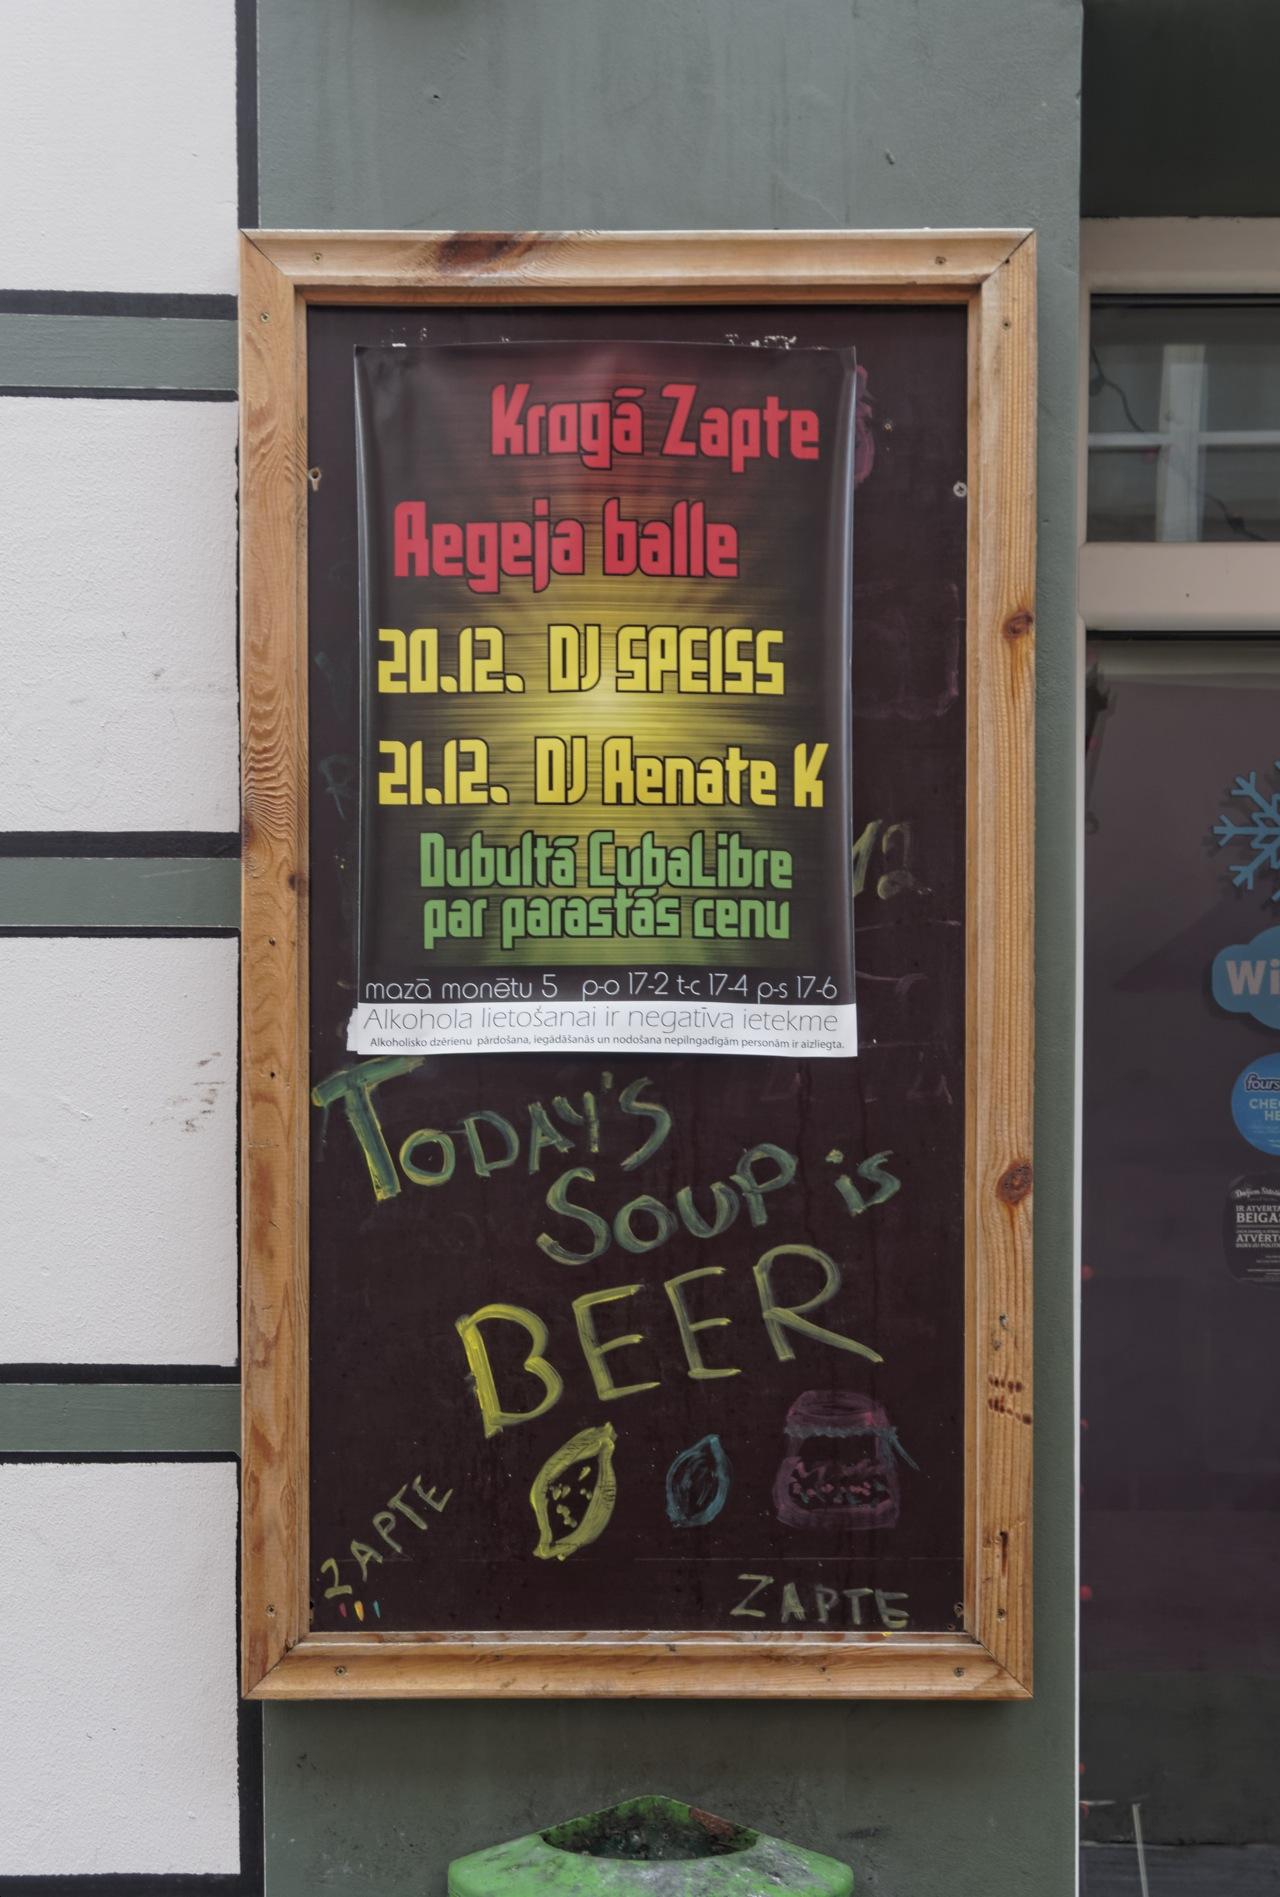 """Bild: Bier als Tagessuppe in einer Kneipe in der Altstadt von Riga - """"Today's soup is beer"""". OLYMPUS OM-D E-M5 mit M.Zuiko Digital 12-50 mm 1:3.5-6.3 EZ. ISO 800 ¦ f/5,6 ¦ 18 mm ¦ 1/25 s ¦ kein Blitz. Klicken Sie auf das Bild um es zu vergrößern."""